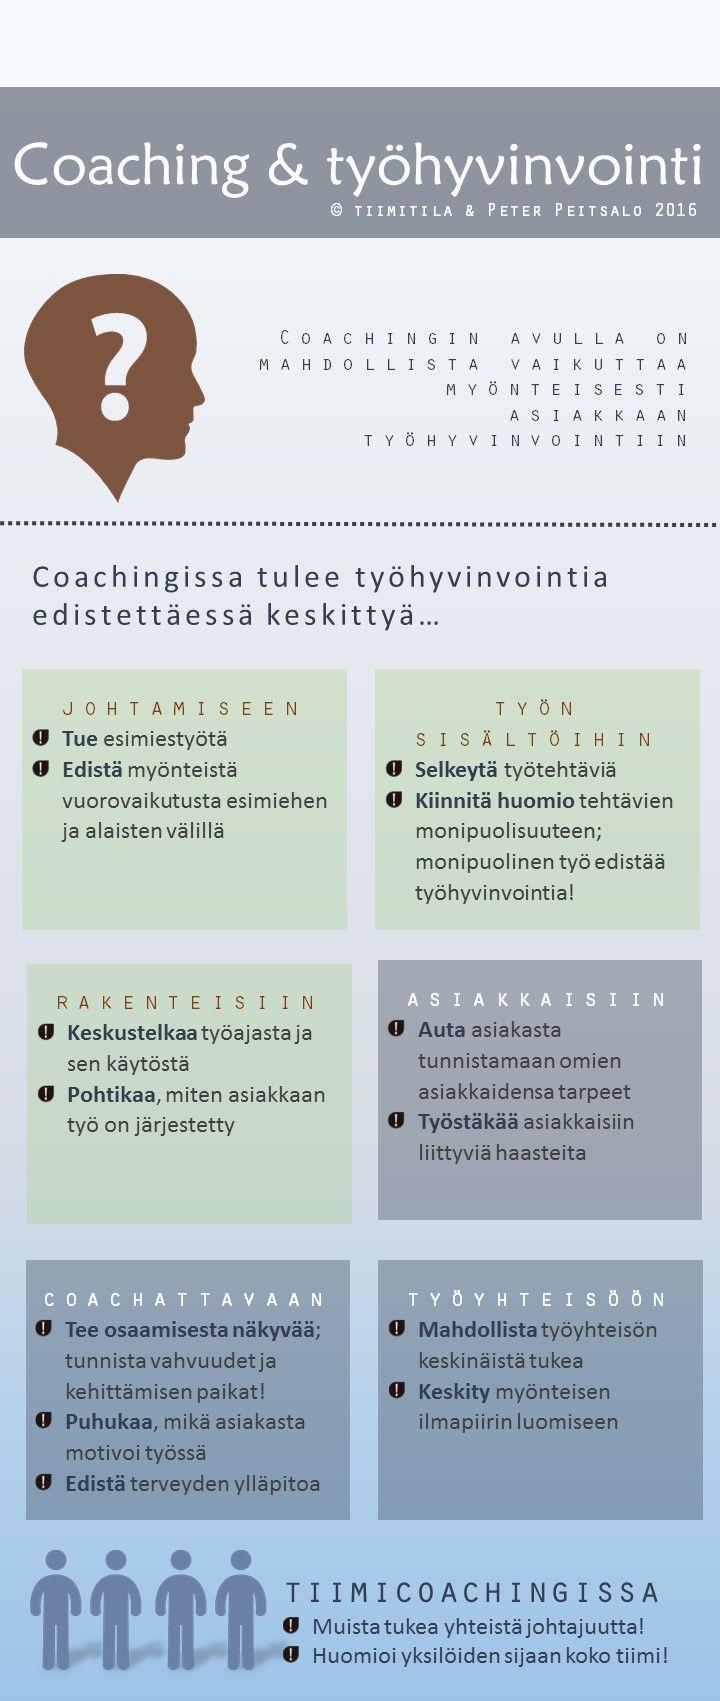 #coaching #työhyvinvointi #valmennus #työnohjaus